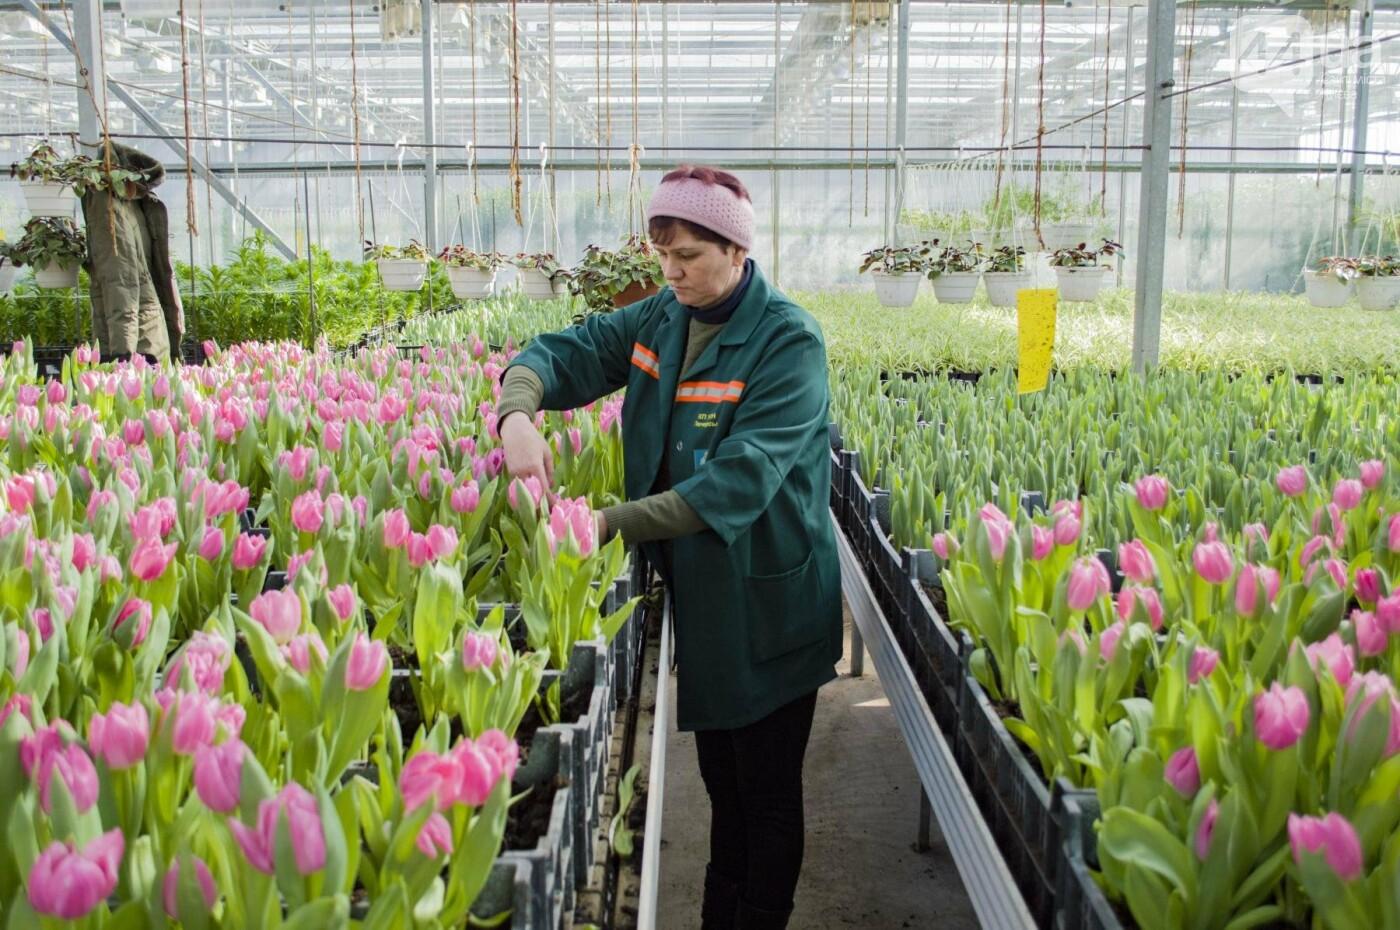 Цветочный рай: в киевской оранжерее зацвели десятки тысяч тюльпанов, фото-5